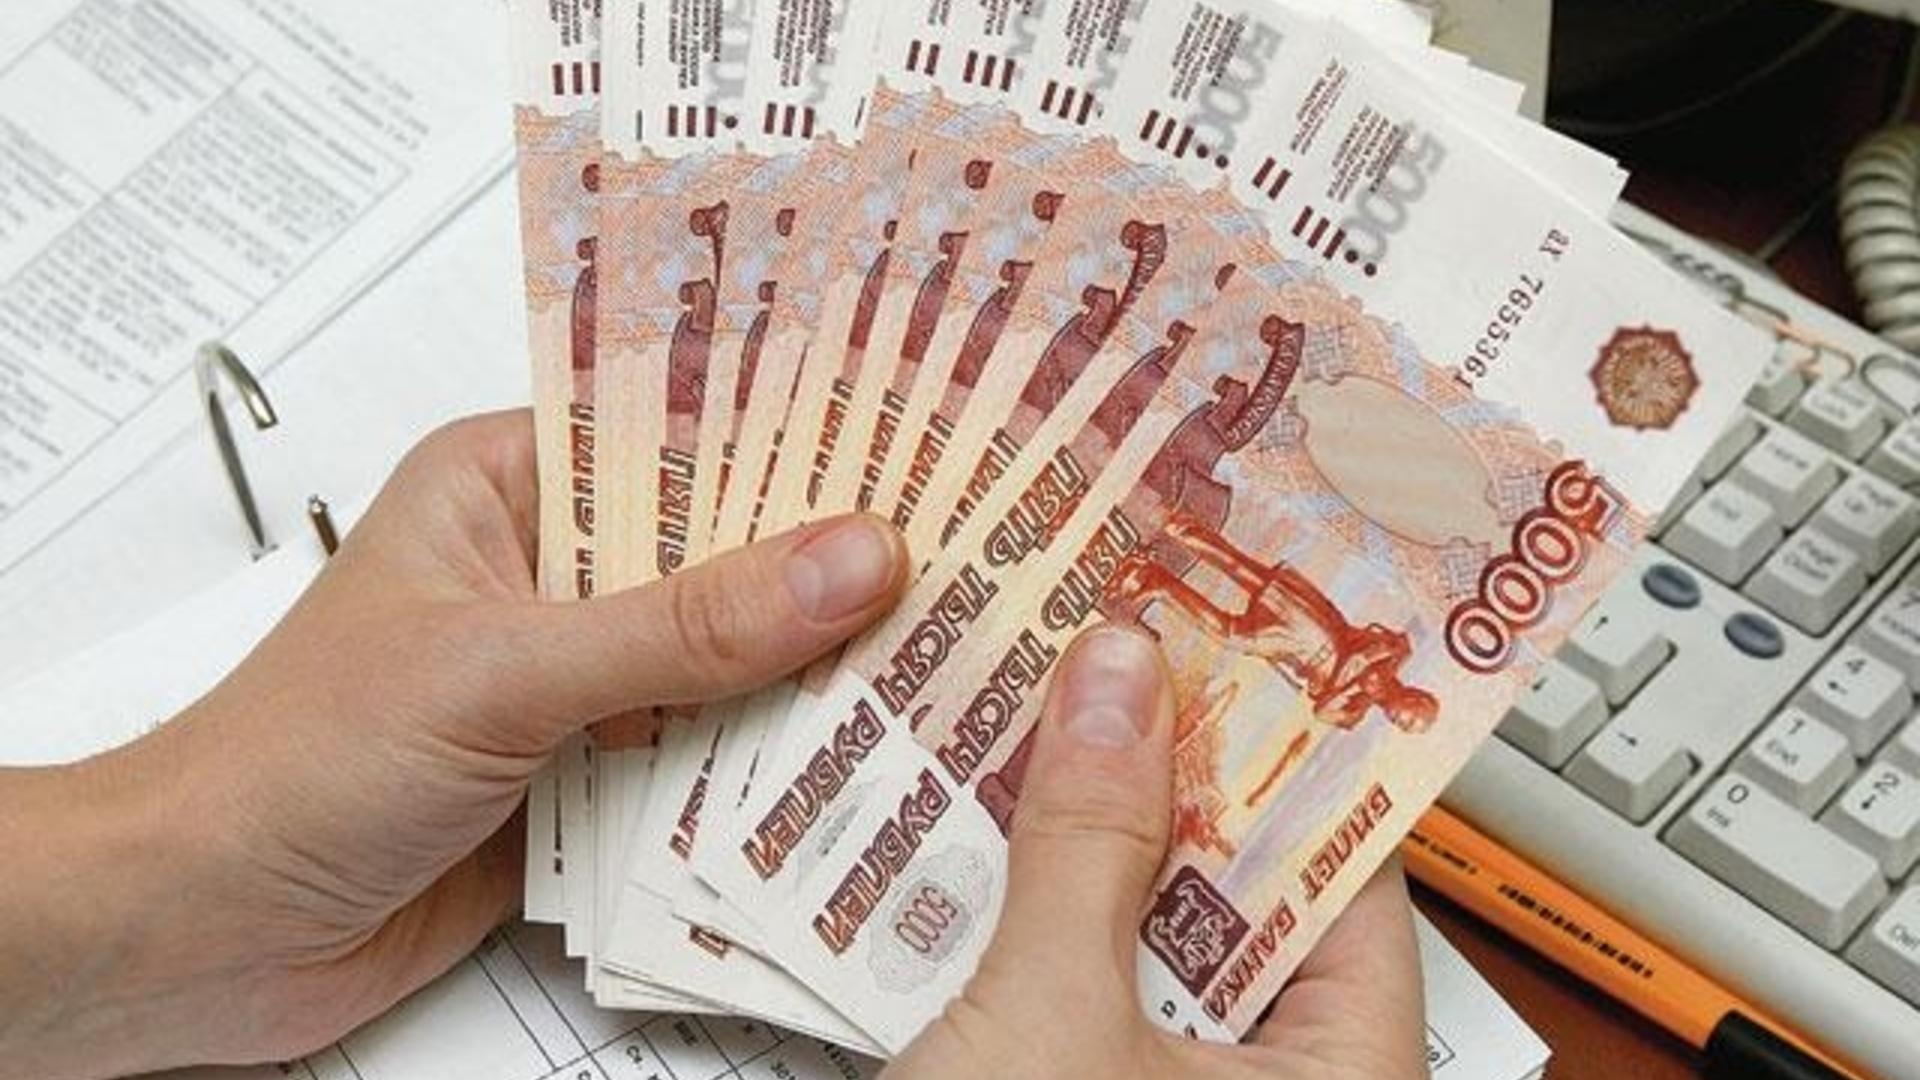 Спрос на потребительские кредиты среди жителей Урала вырос почти в 1,5 раза по сравнению с прошлы